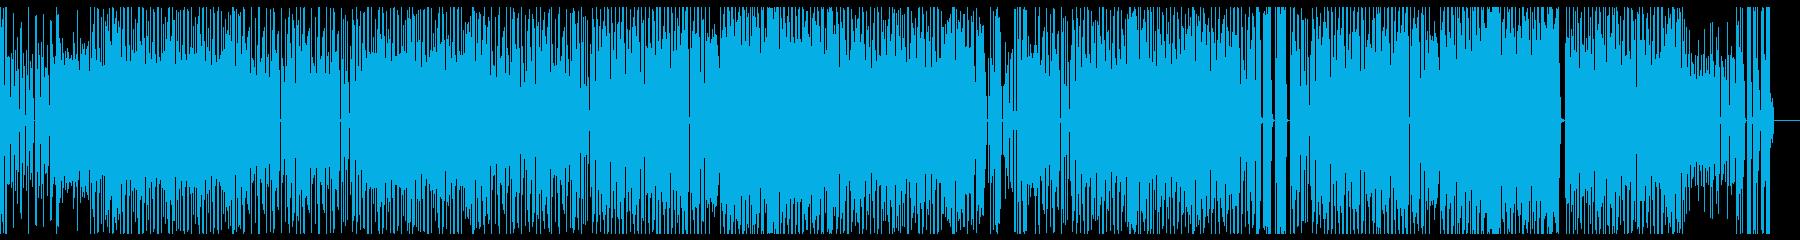 ファンキーなテクノポップの再生済みの波形